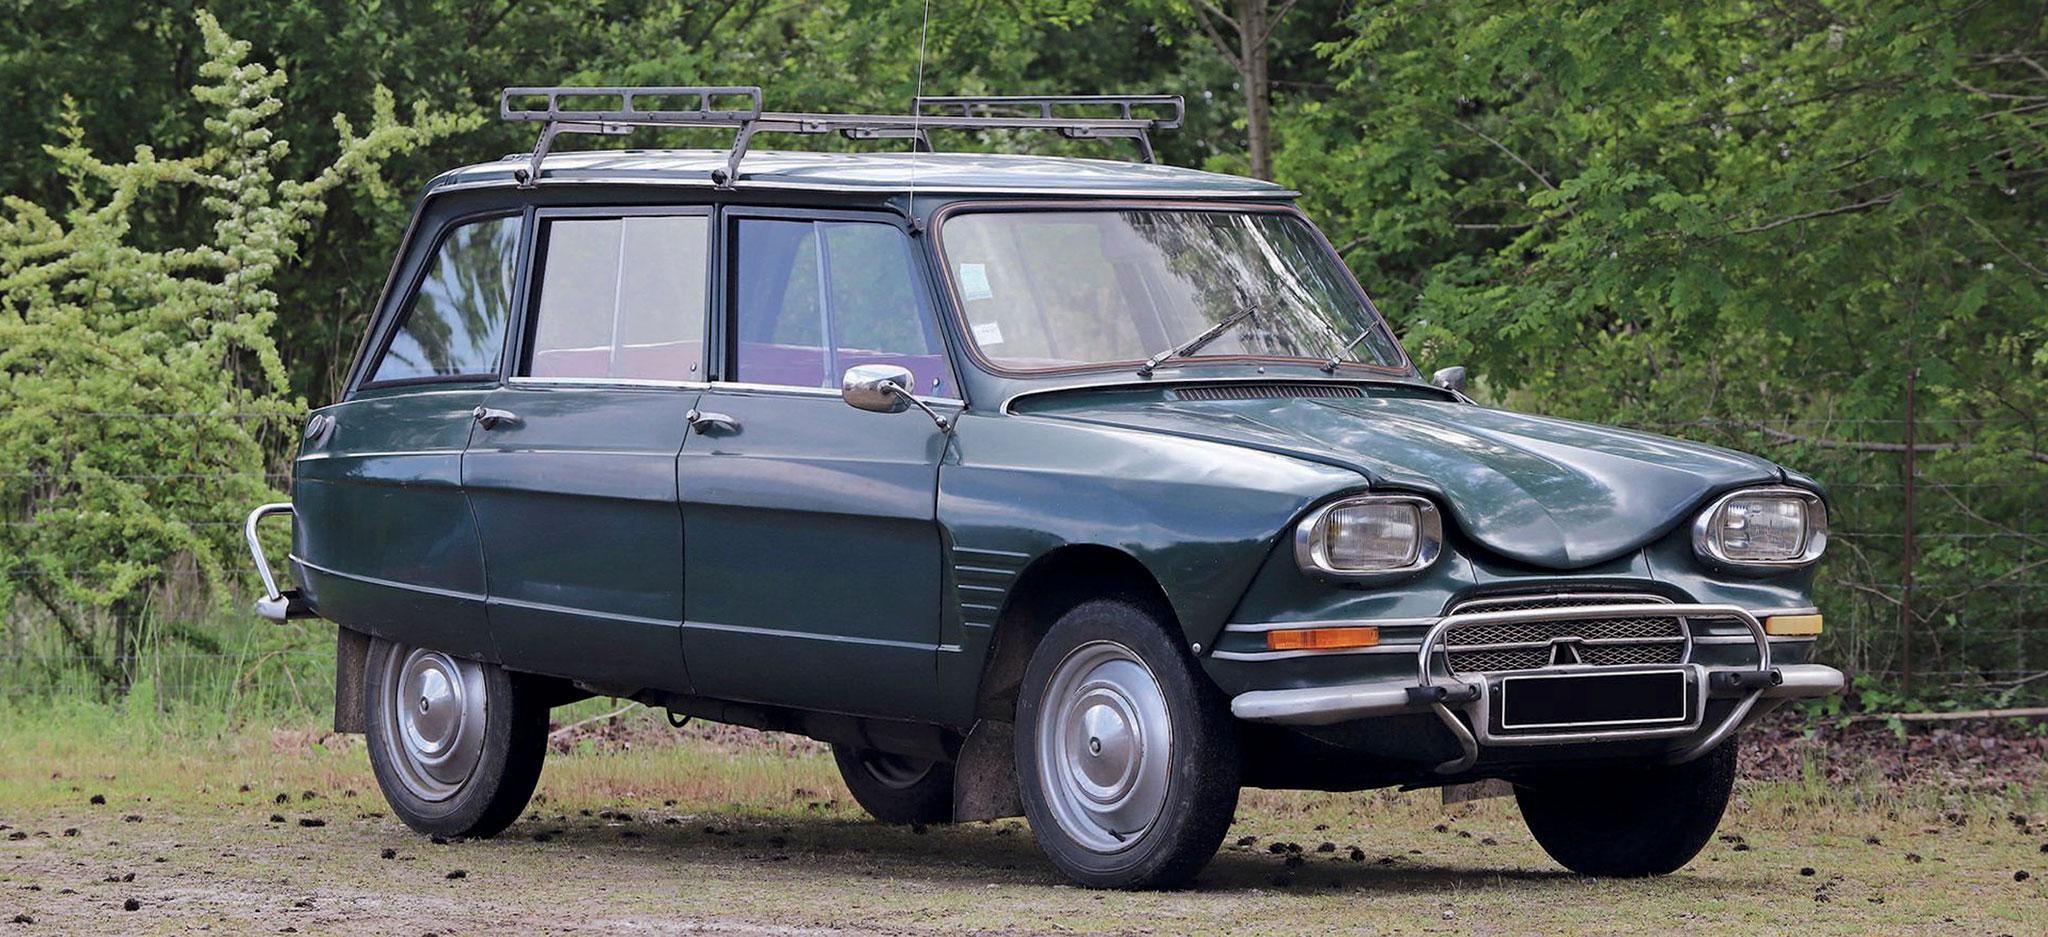 1968 Citroën Ami 6 Break €2500 - 4500 - Populaires Françaises.